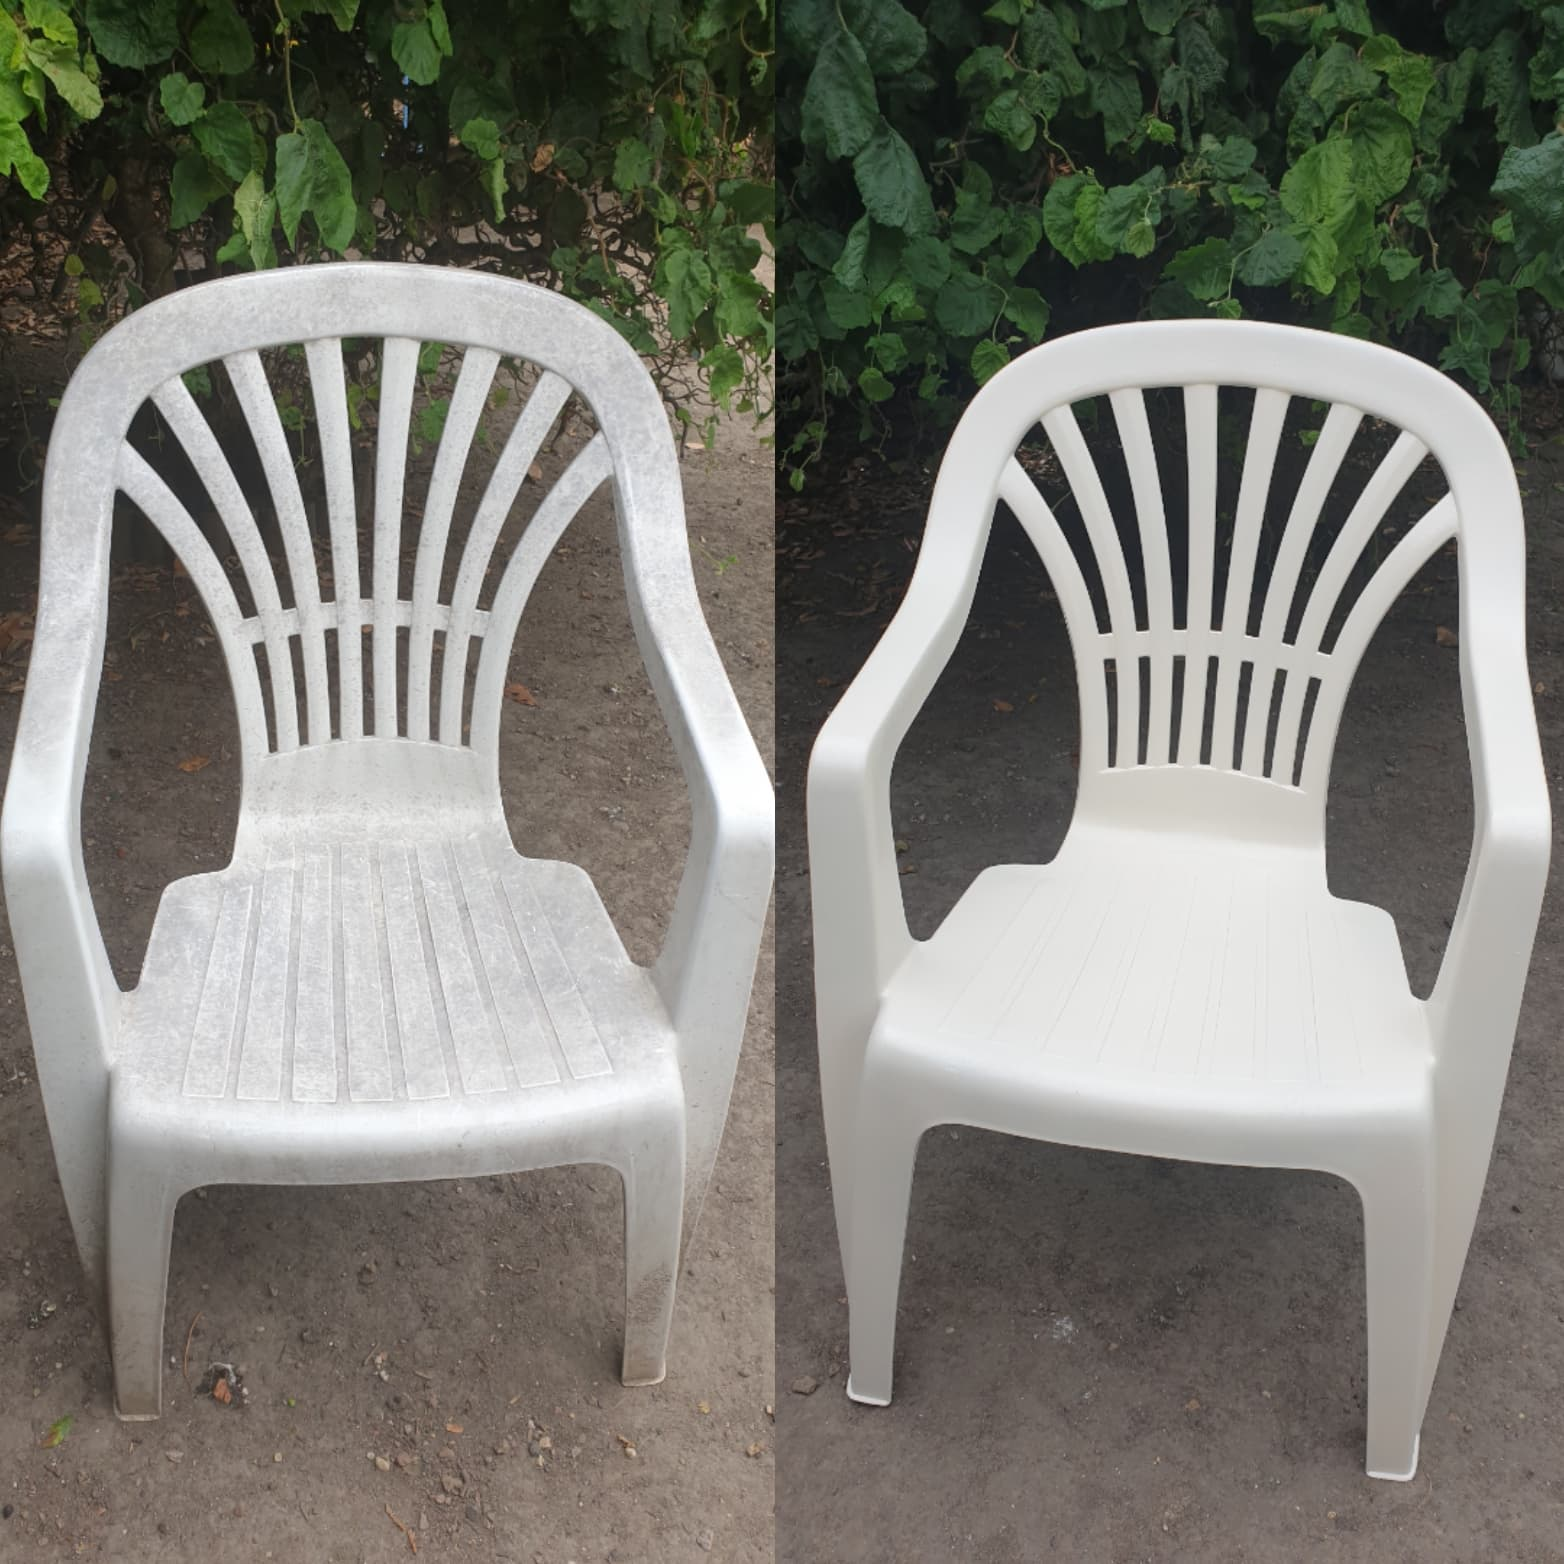 Comment Nettoyer Des Chaises En Plastique Blanc comment redonner une seconde jeunesse à vos chaises de jardin ?